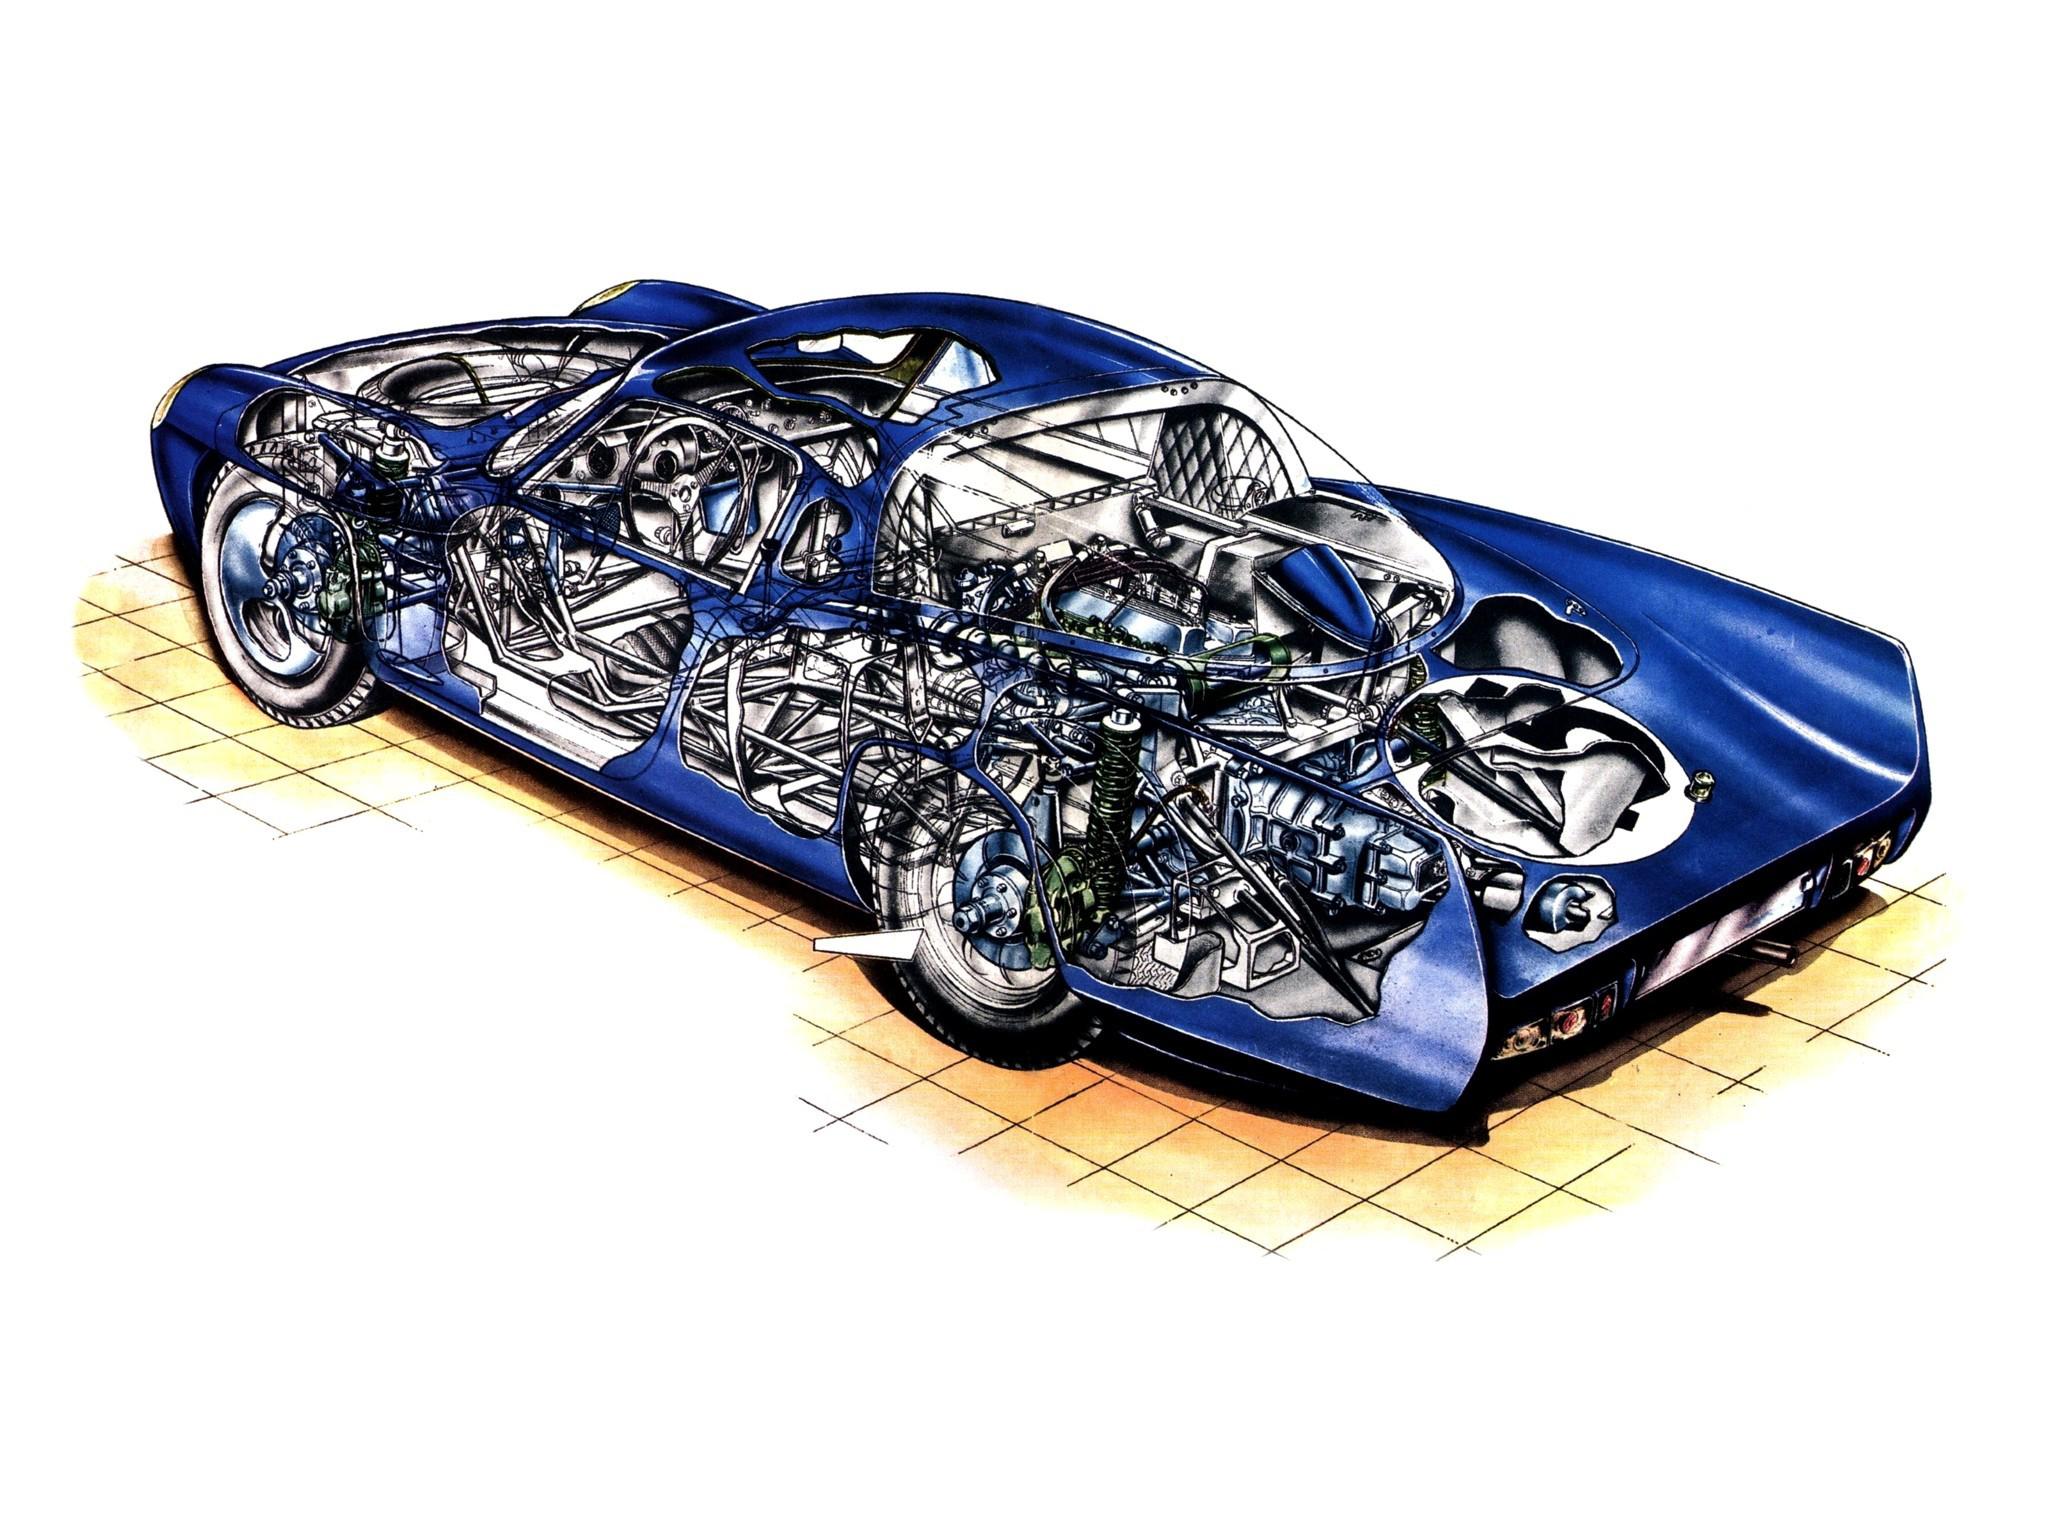 Fondos De Pantalla Vehículo Porsche Show De Net: Fondos De Pantalla : Dibujo, Vehículo, Tarjeta De Video